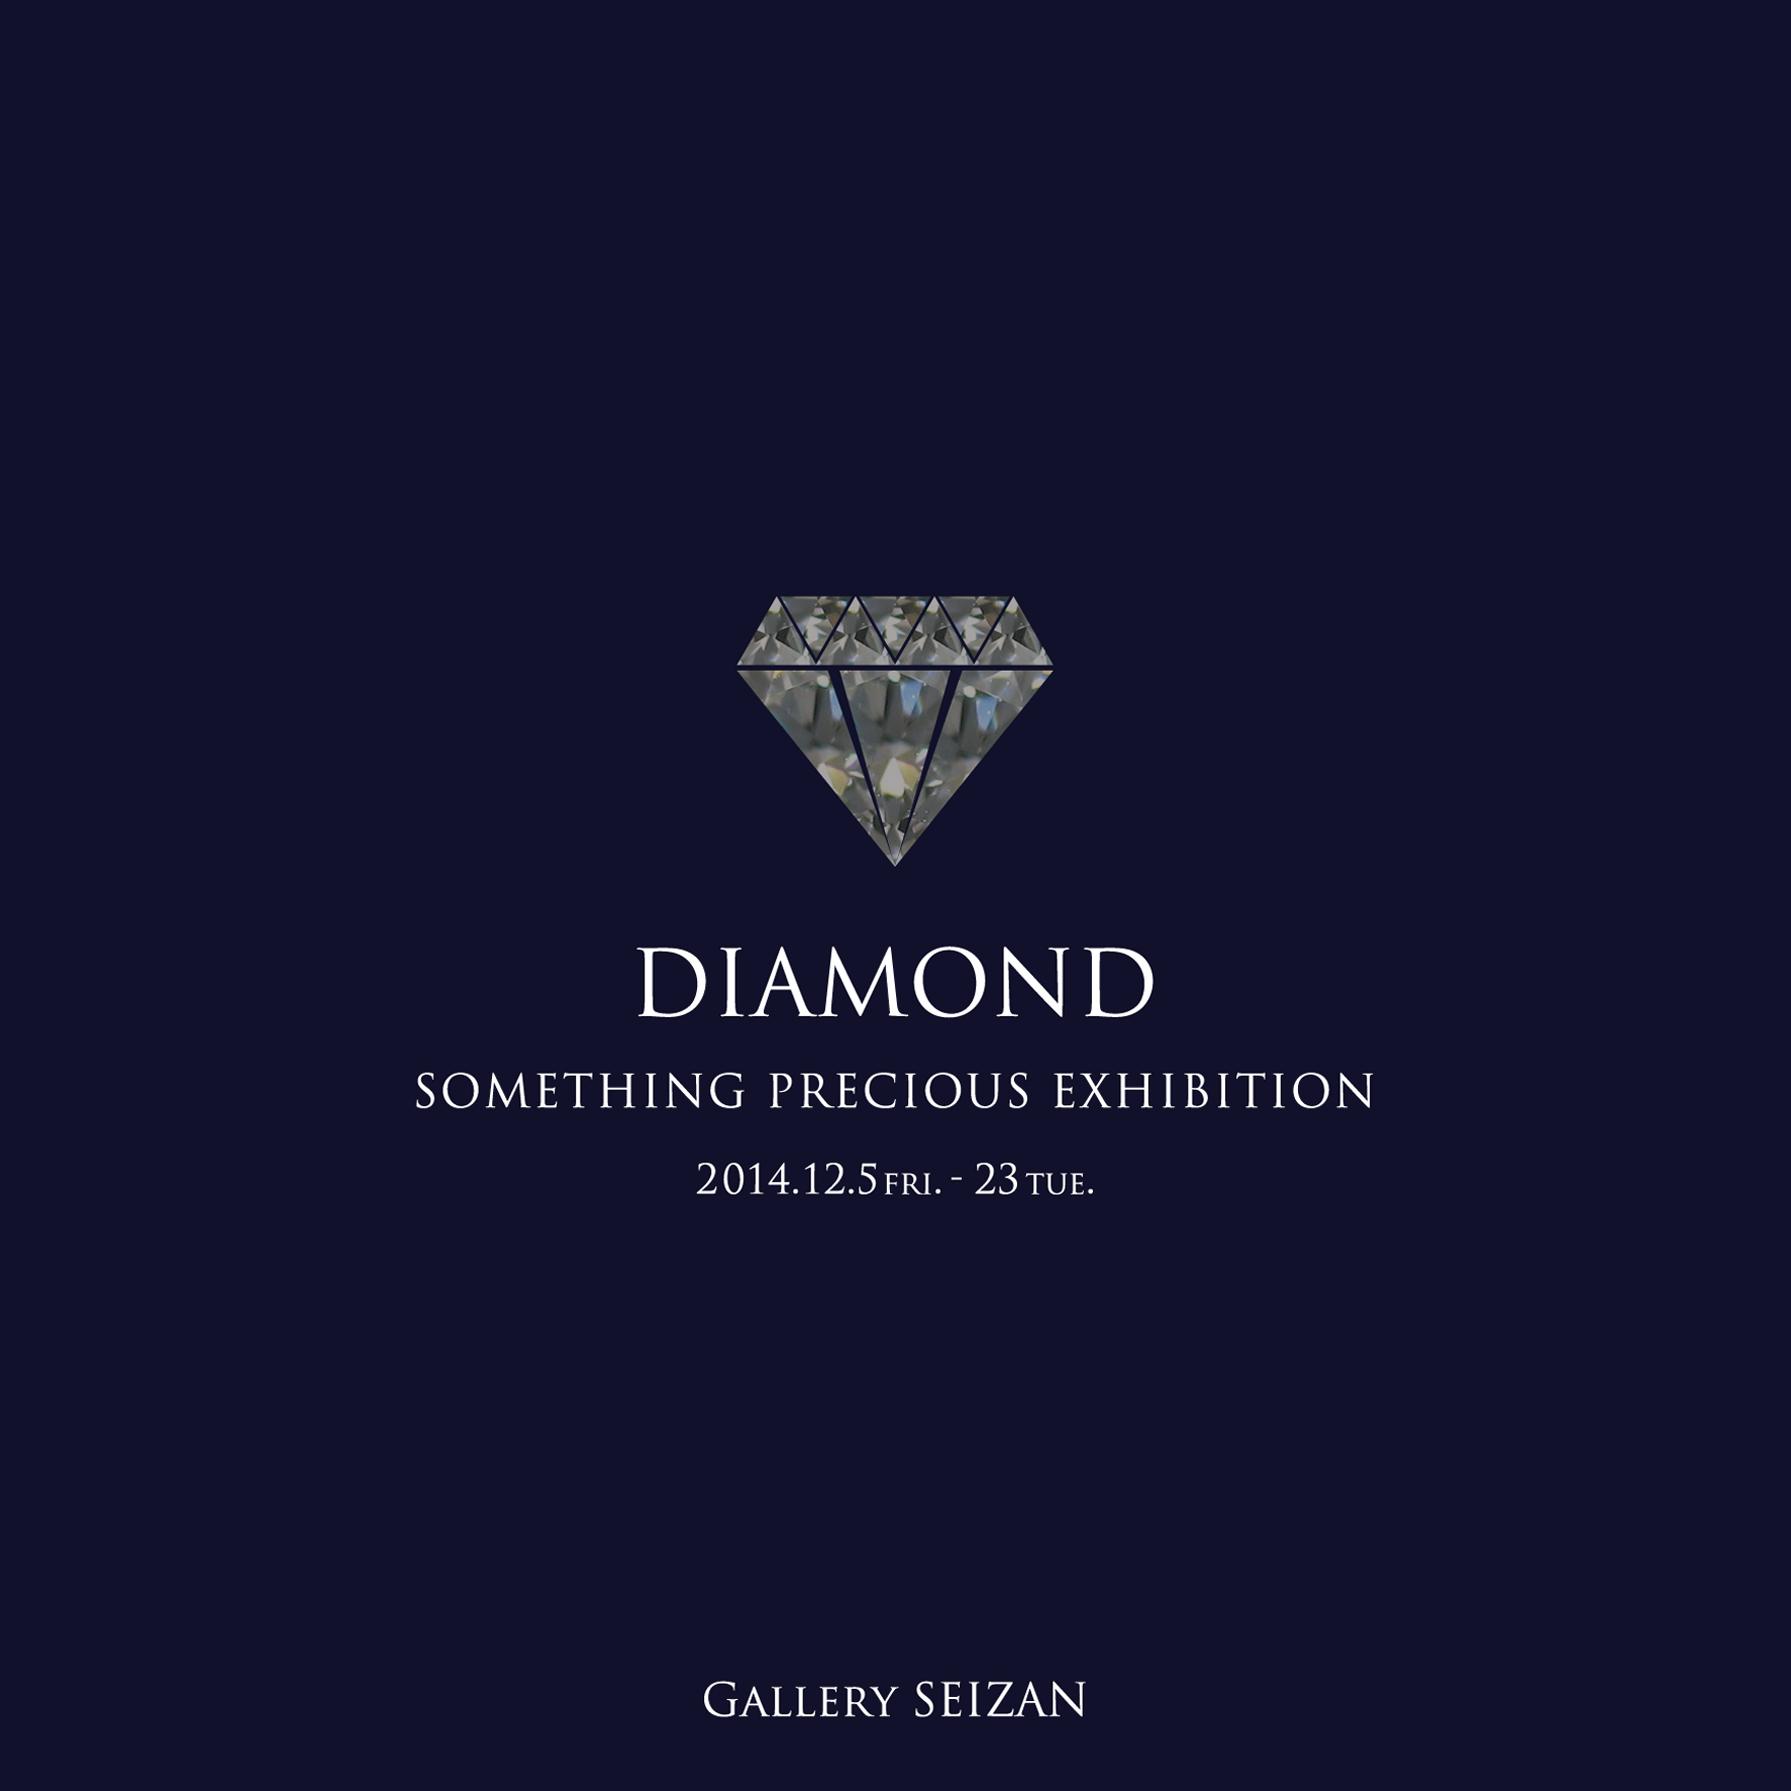 たいせつなもの展 -diamond-, 2014